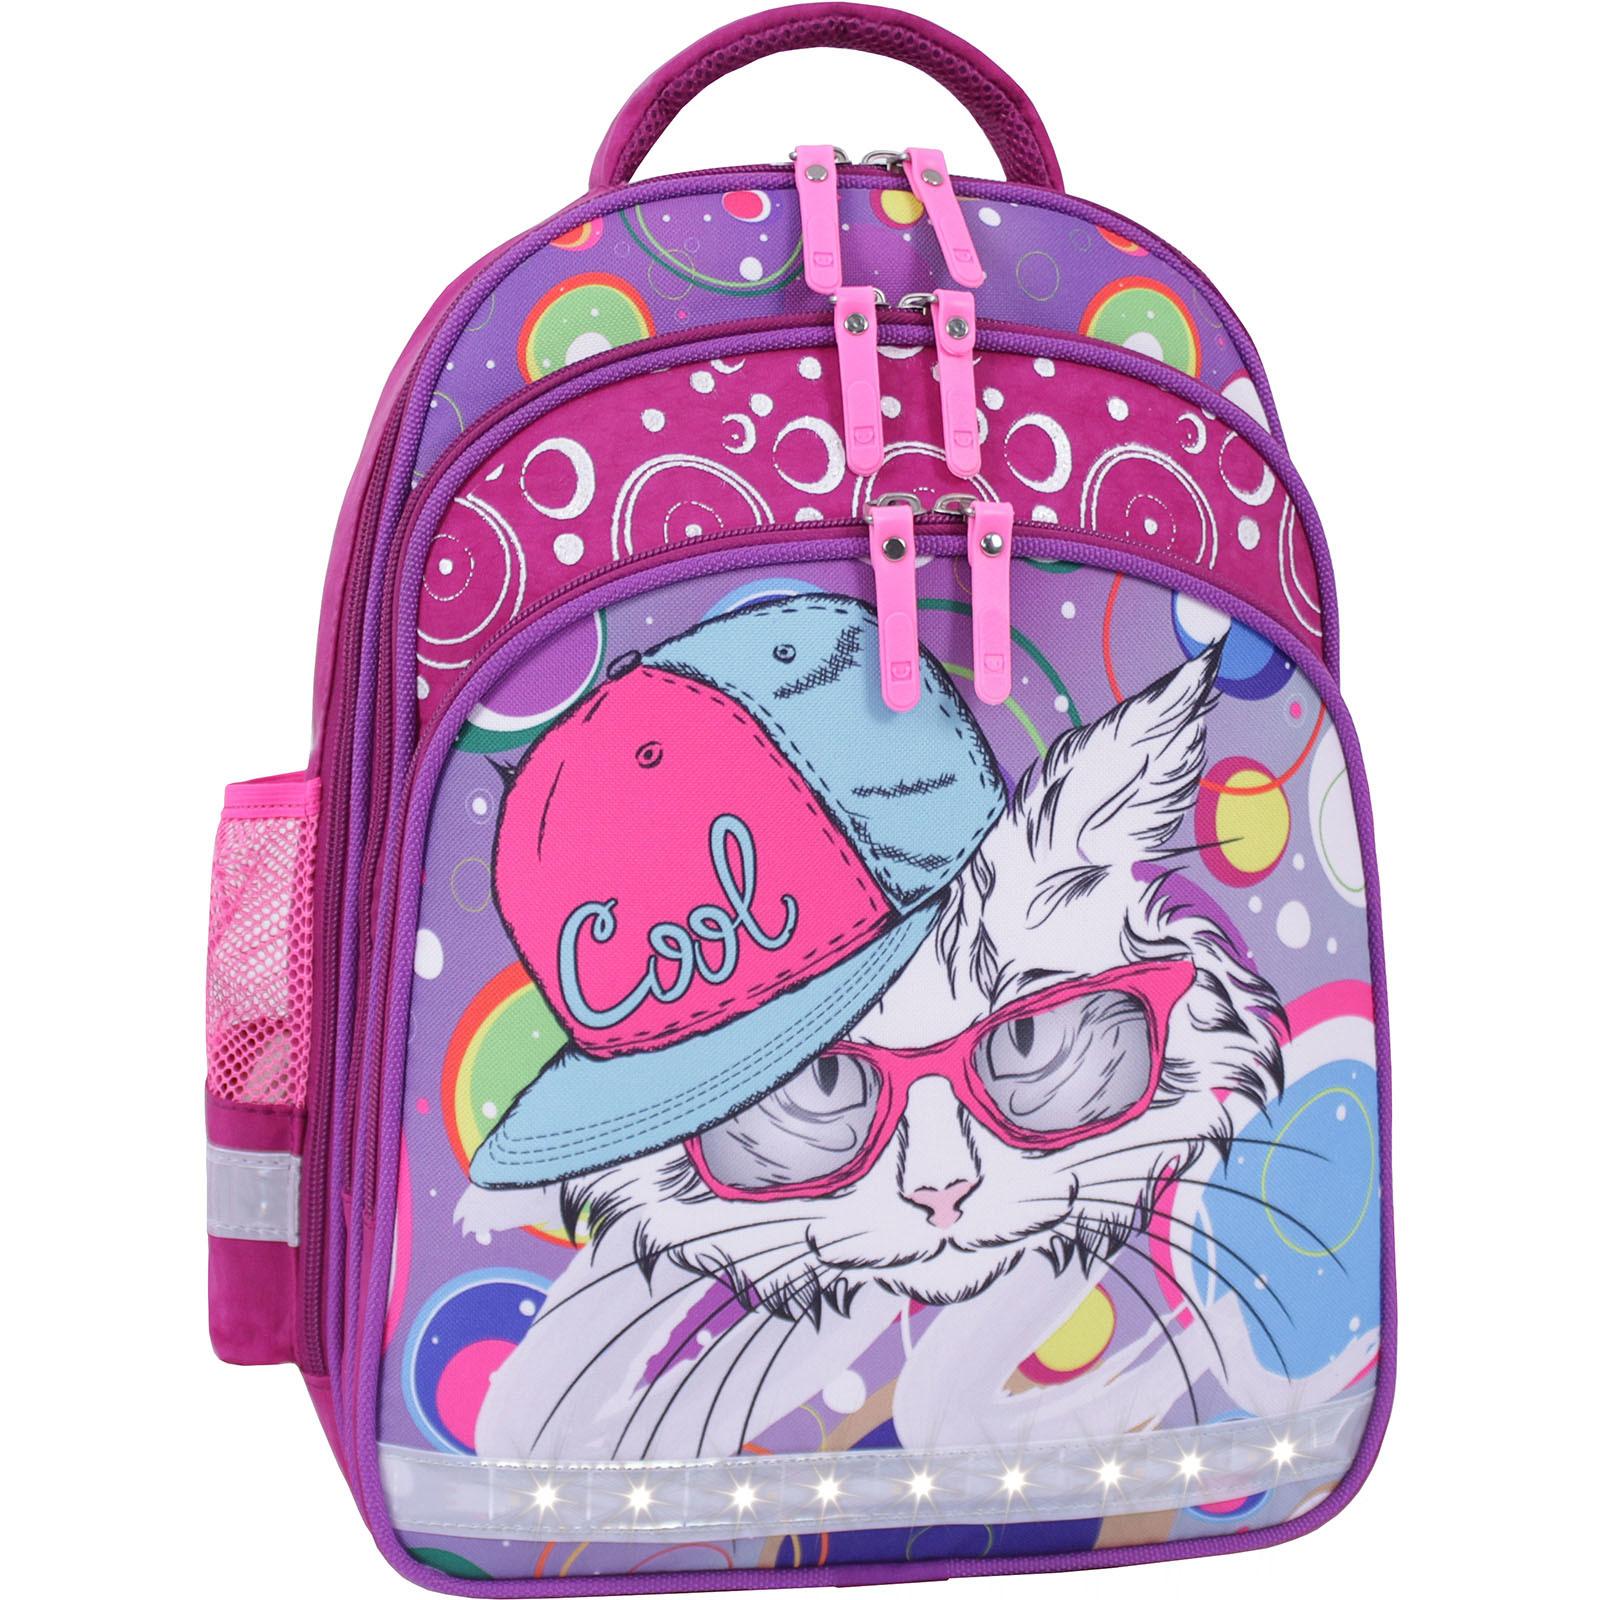 Рюкзак школьный Bagland Mouse 143 малиновый 501 (0051370) фото 2